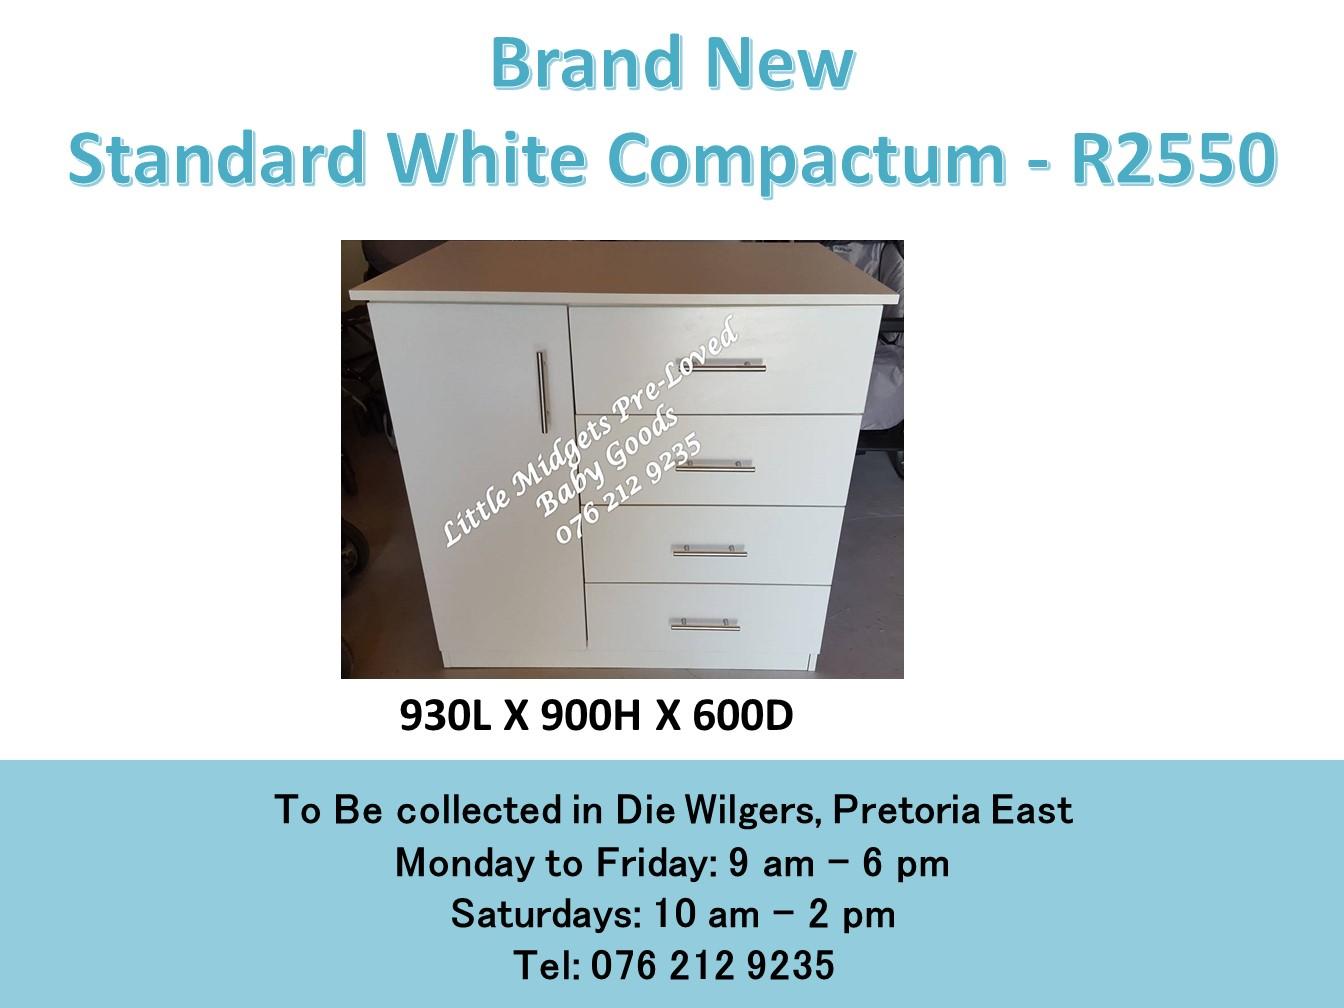 Brand New Standard White Compactum (930L X 900H X 600D)